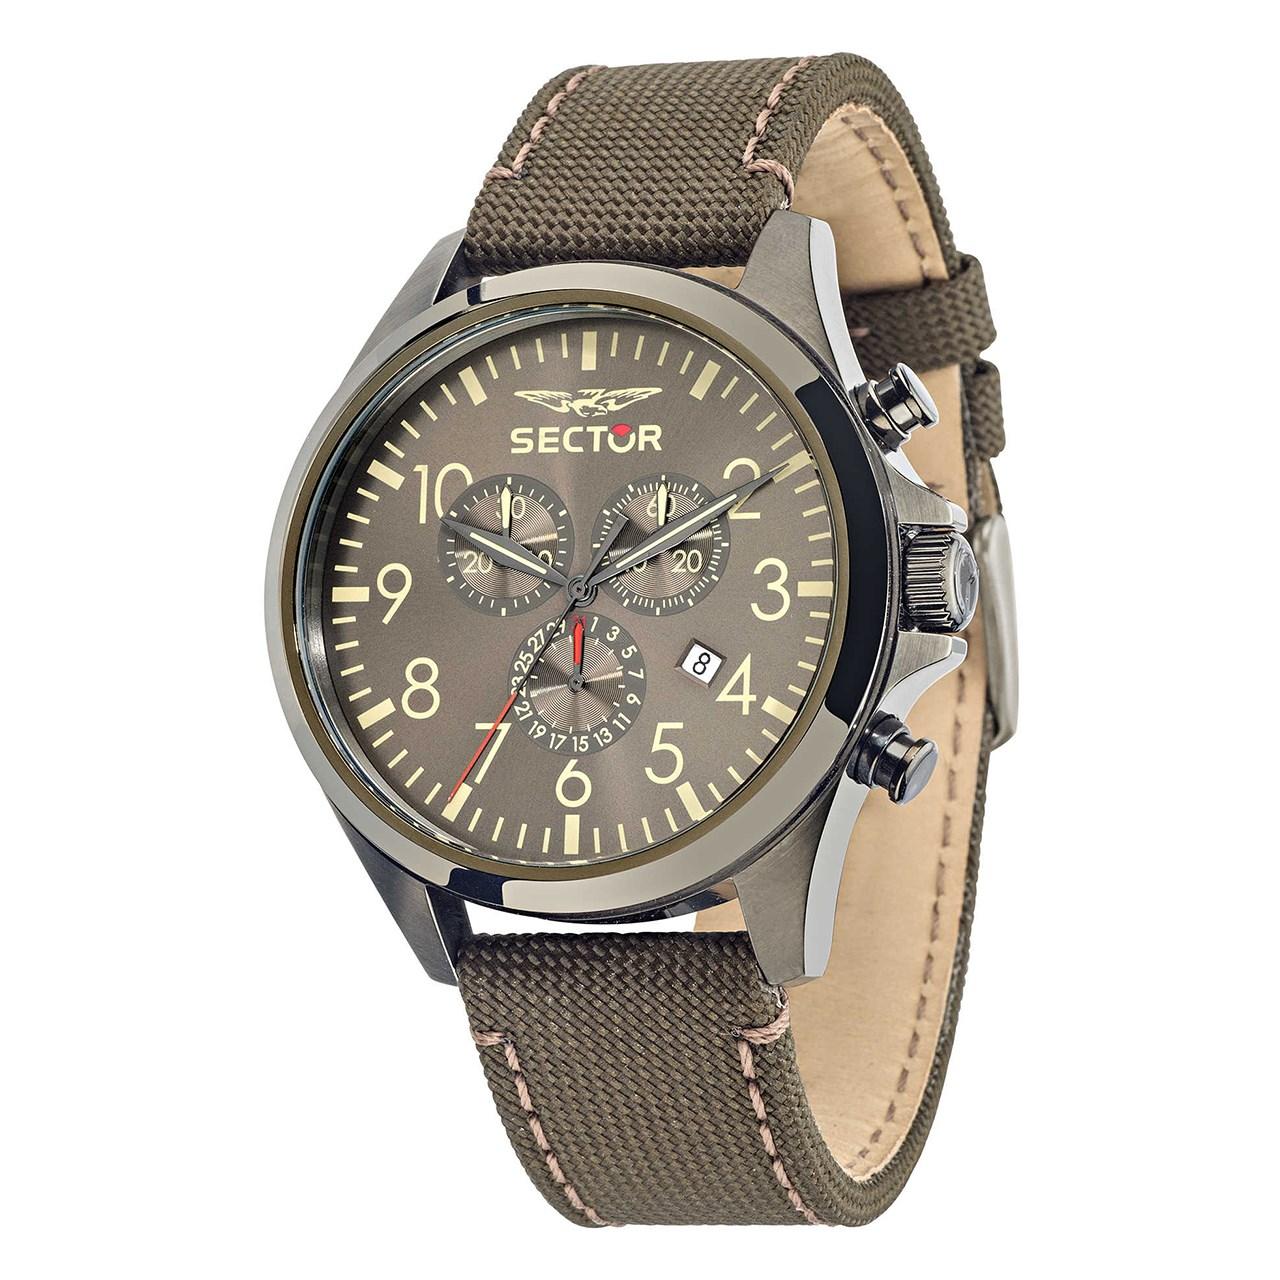 ساعت مچی عقربه ای مردانه  سکتور مدل 180-3271690021